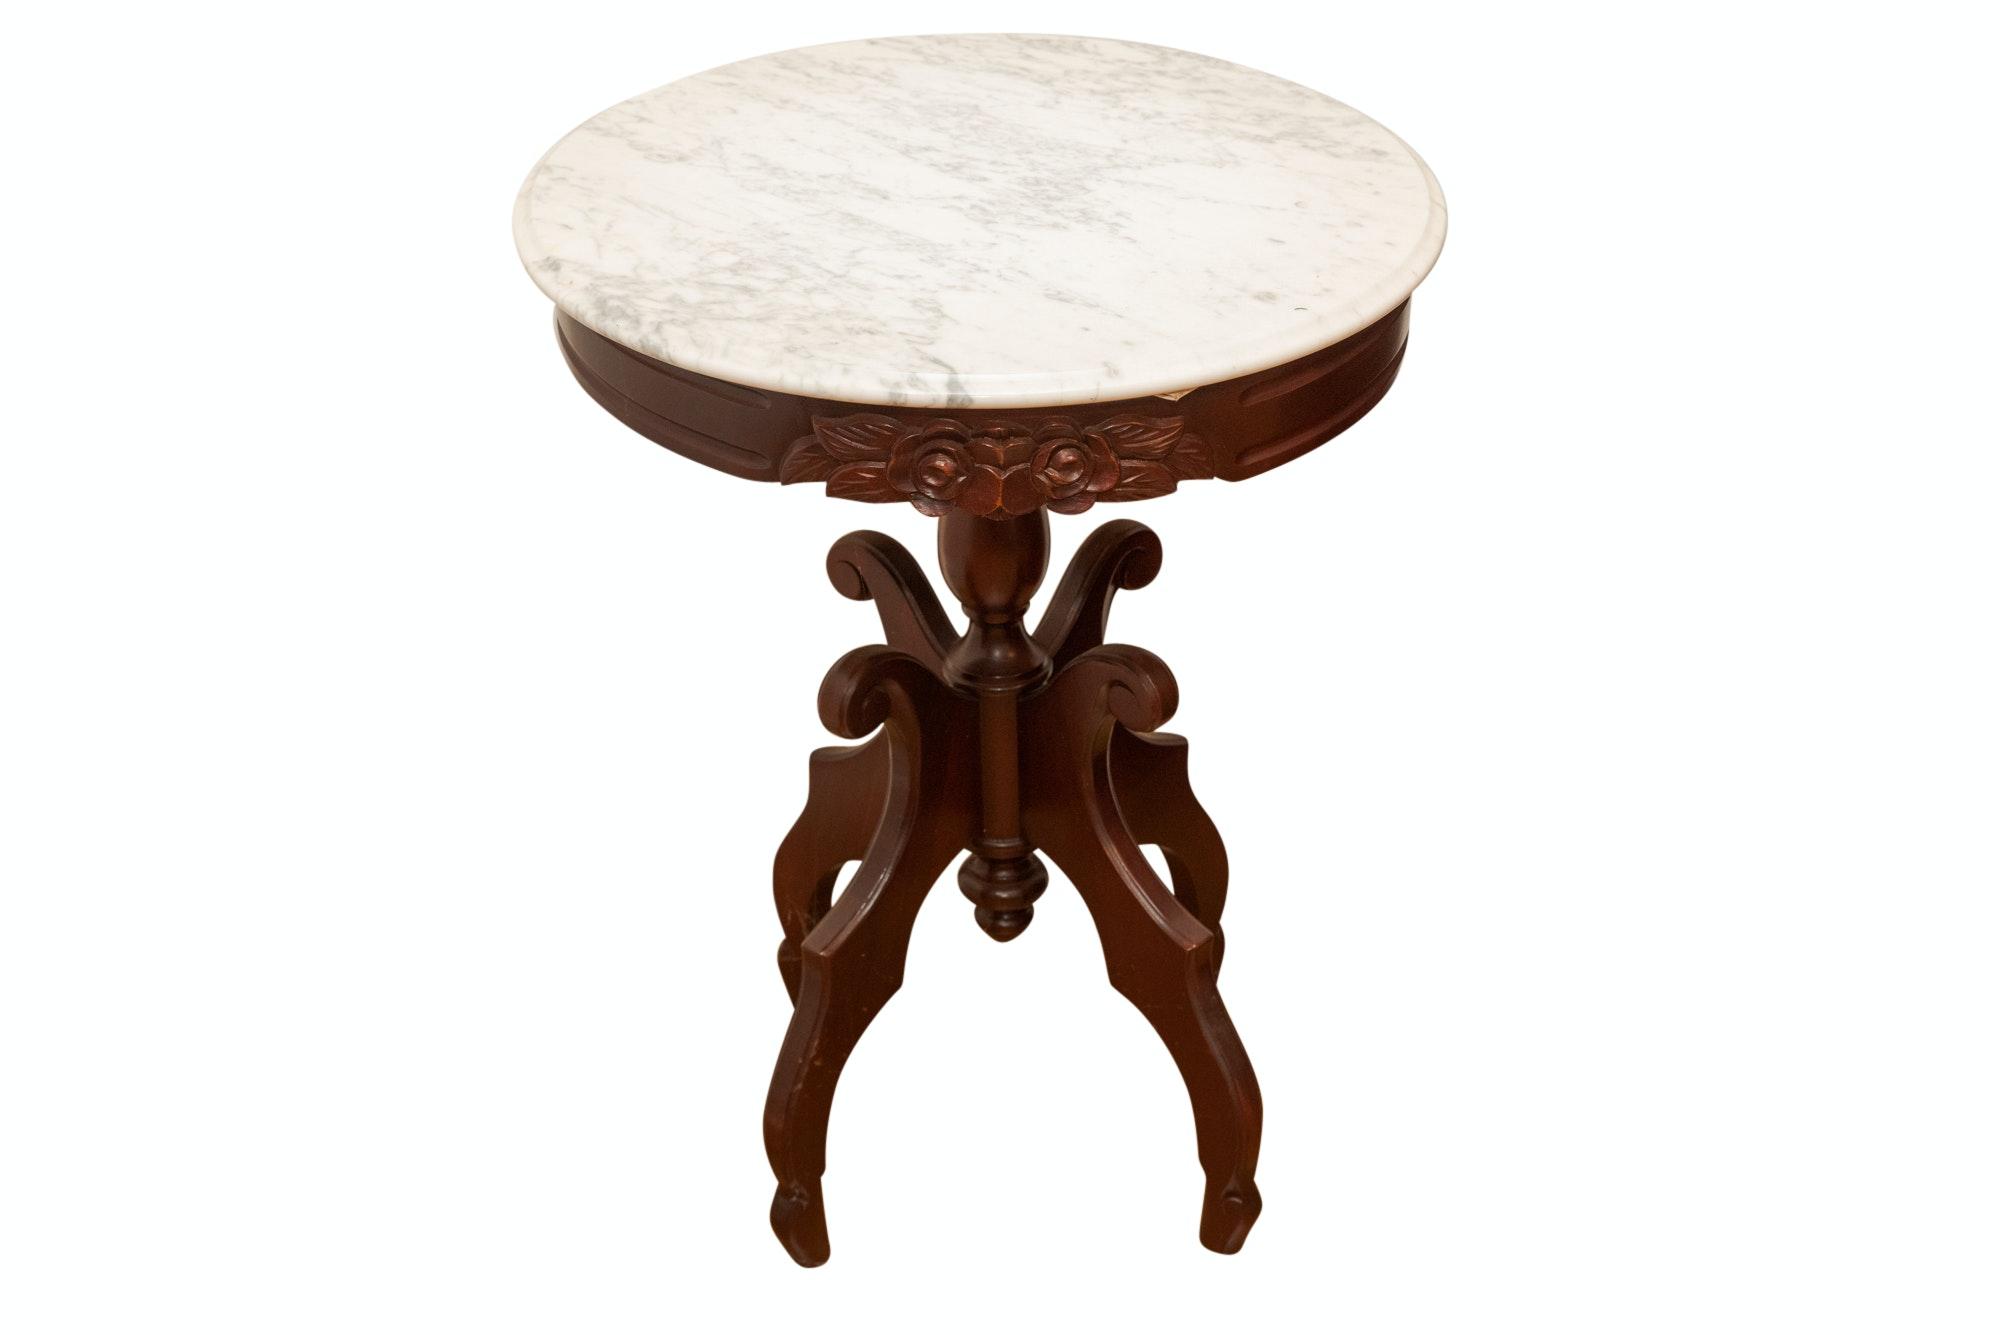 Victorian Style Mahogany Lamp Table, 20th Century